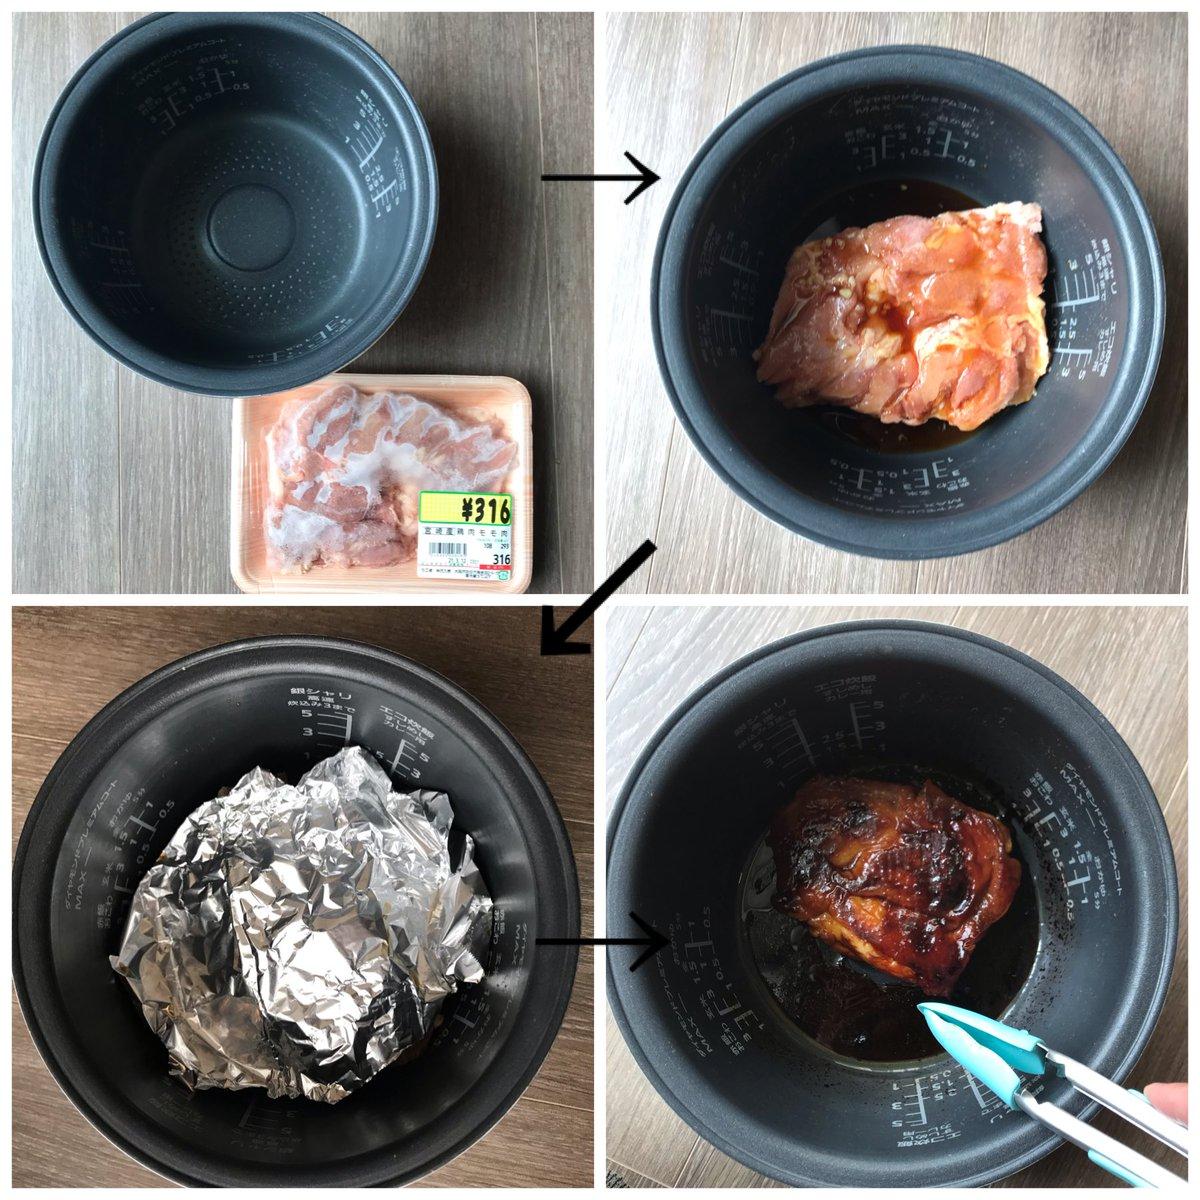 冷凍庫でガチガチに眠ってる鶏モモ肉を使って作る「絶品鶏チャーシュー」